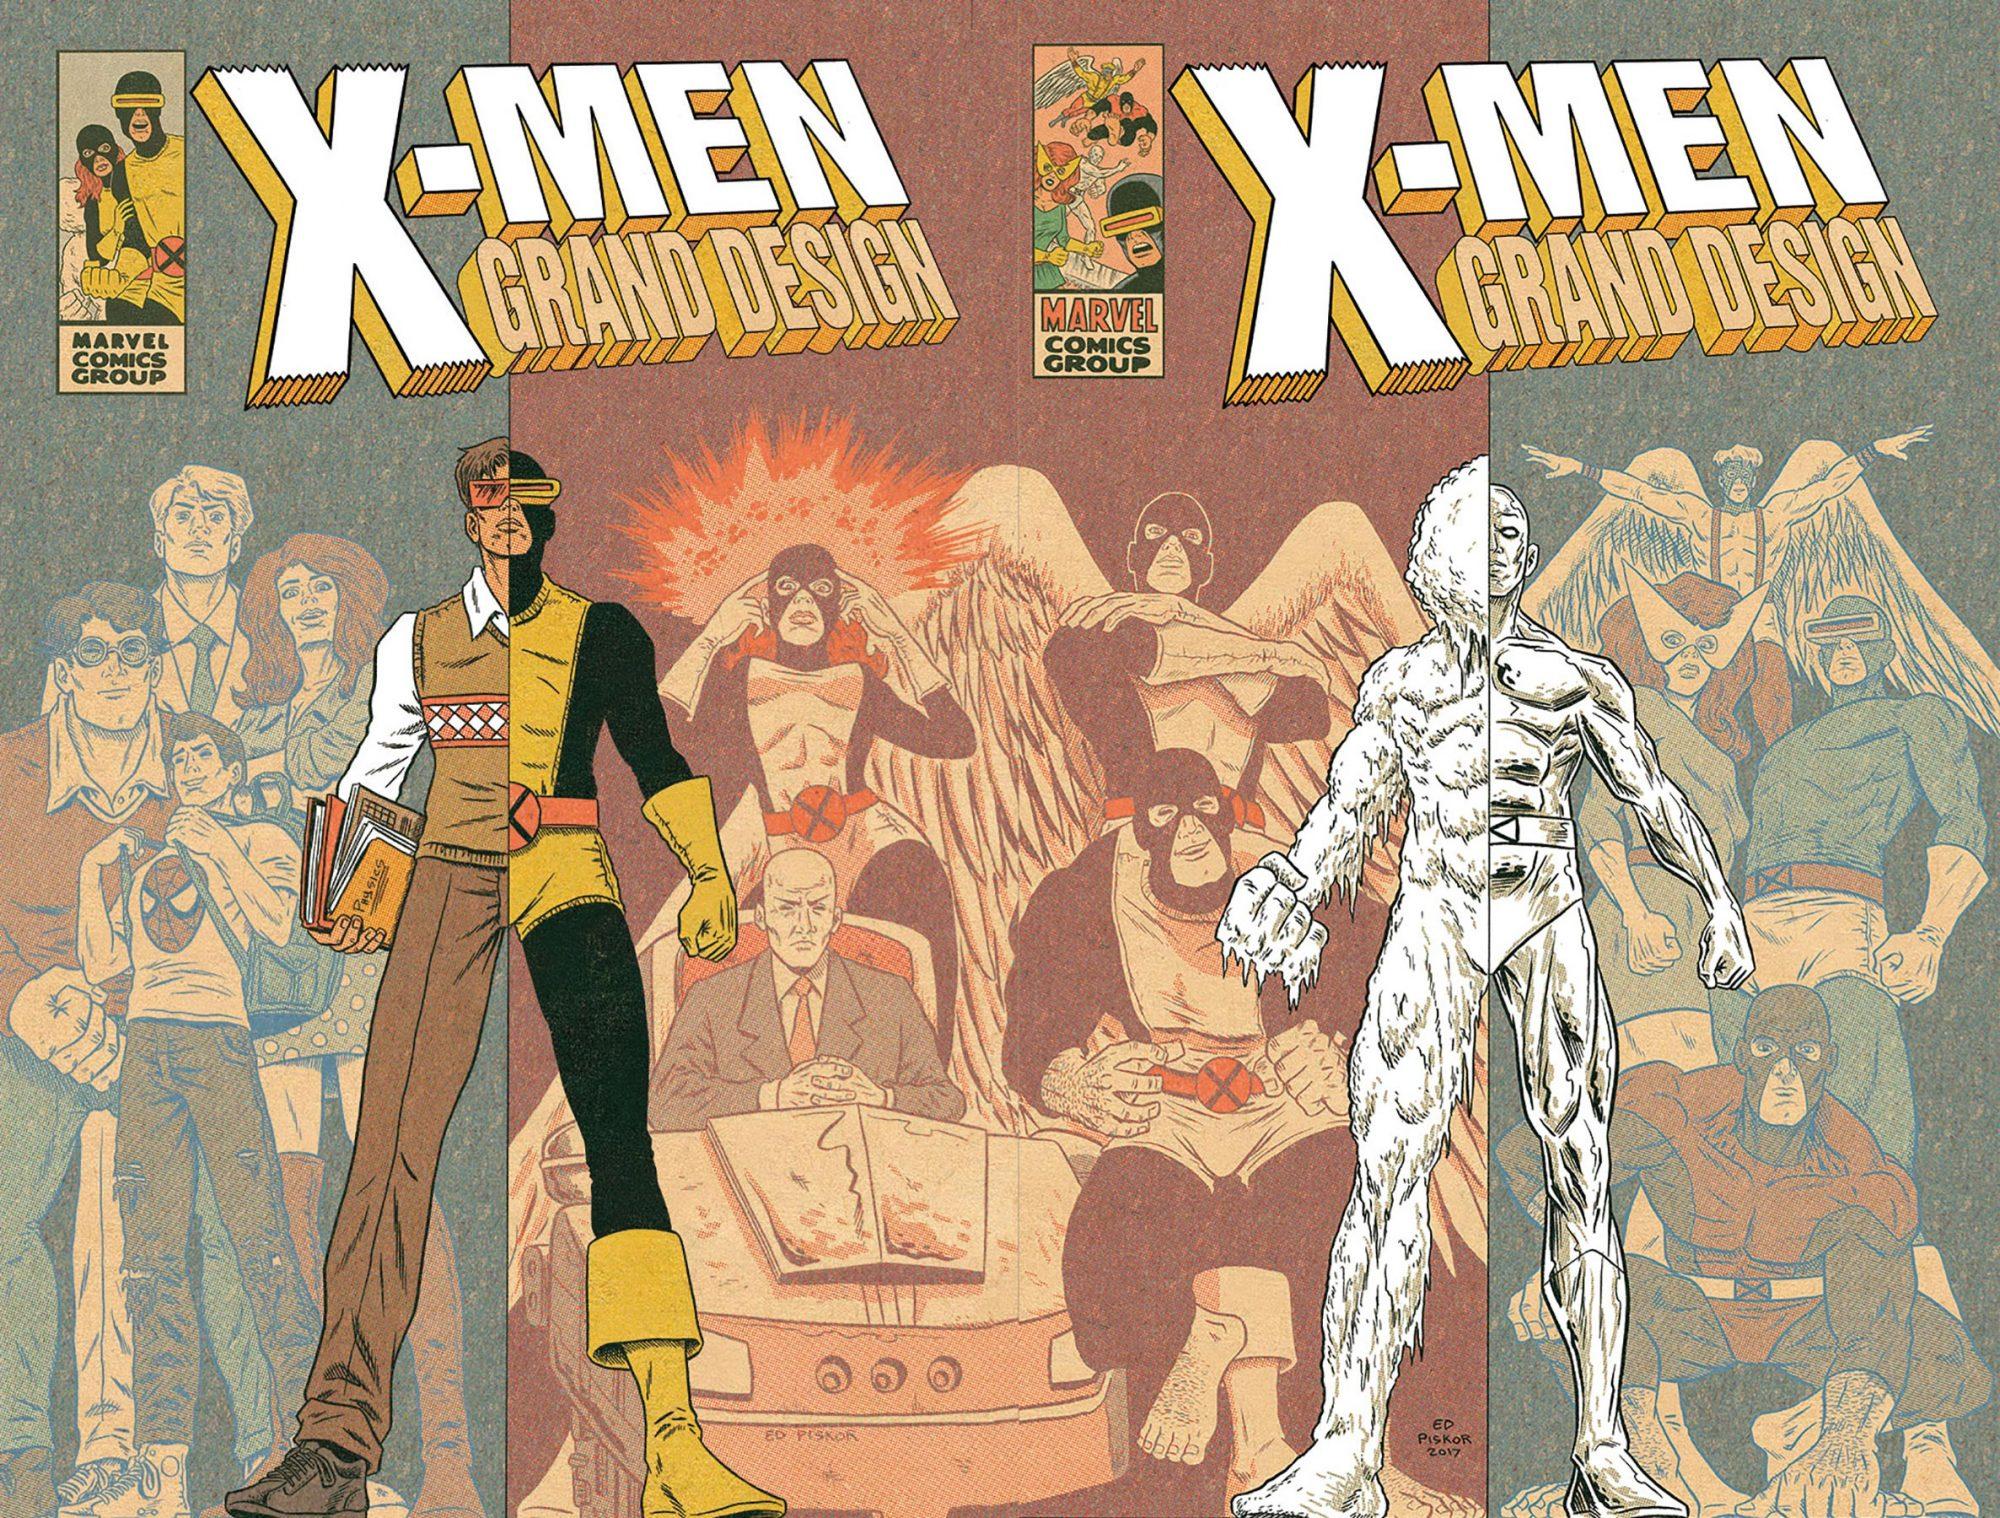 X-Men Grand Design CR: Marvel